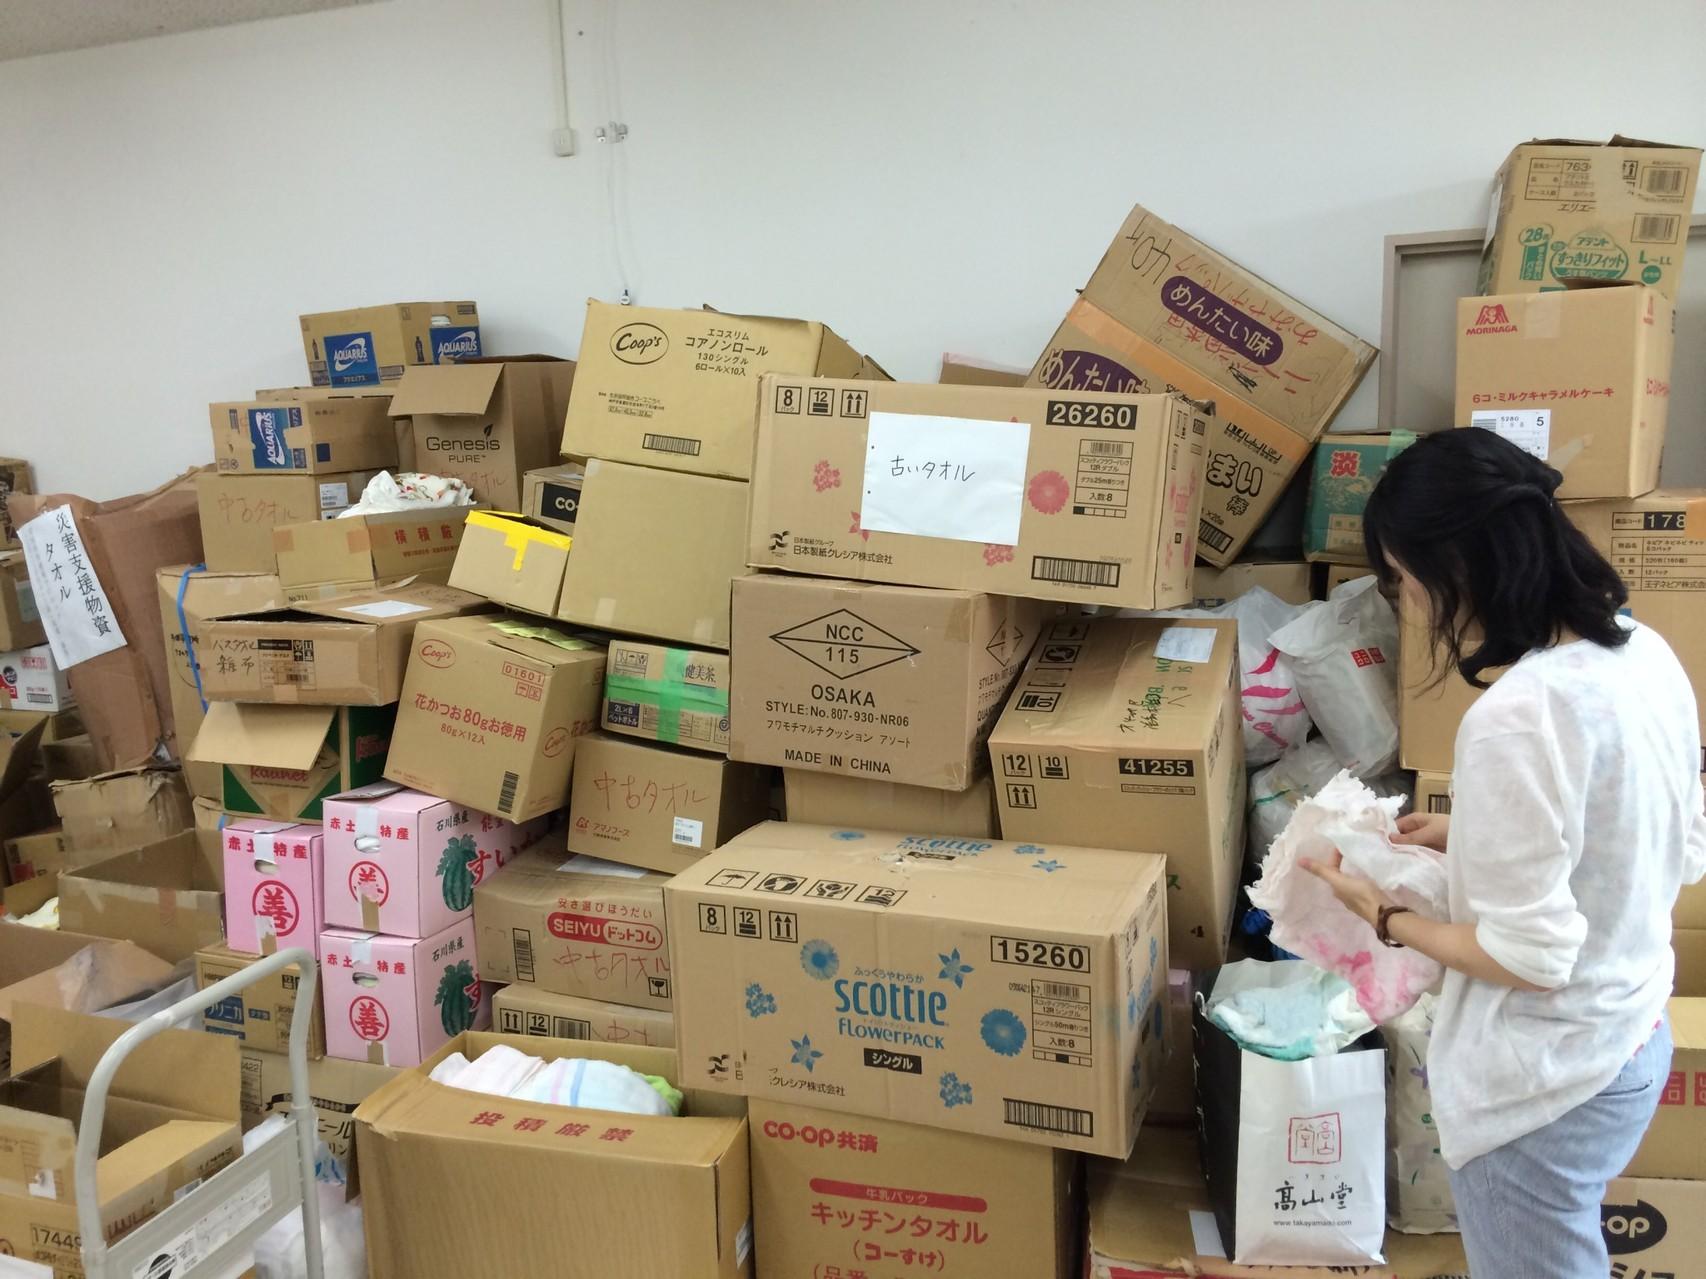 ボランティアセンターでの物資の仕分け作業もお手伝いしました(S間さん撮影)。全国の皆さんからの善意・・・ではありますが、中には「?」と感じてしまうものもありました。「支援物資を送る立場になったときには、とにかく想像して頂きたいです。  もし、自分が被災者で、支援物資が必要になった場合、 なんでもかんでも欲しいのかな?使えるのかな?って」(T岡さん談)